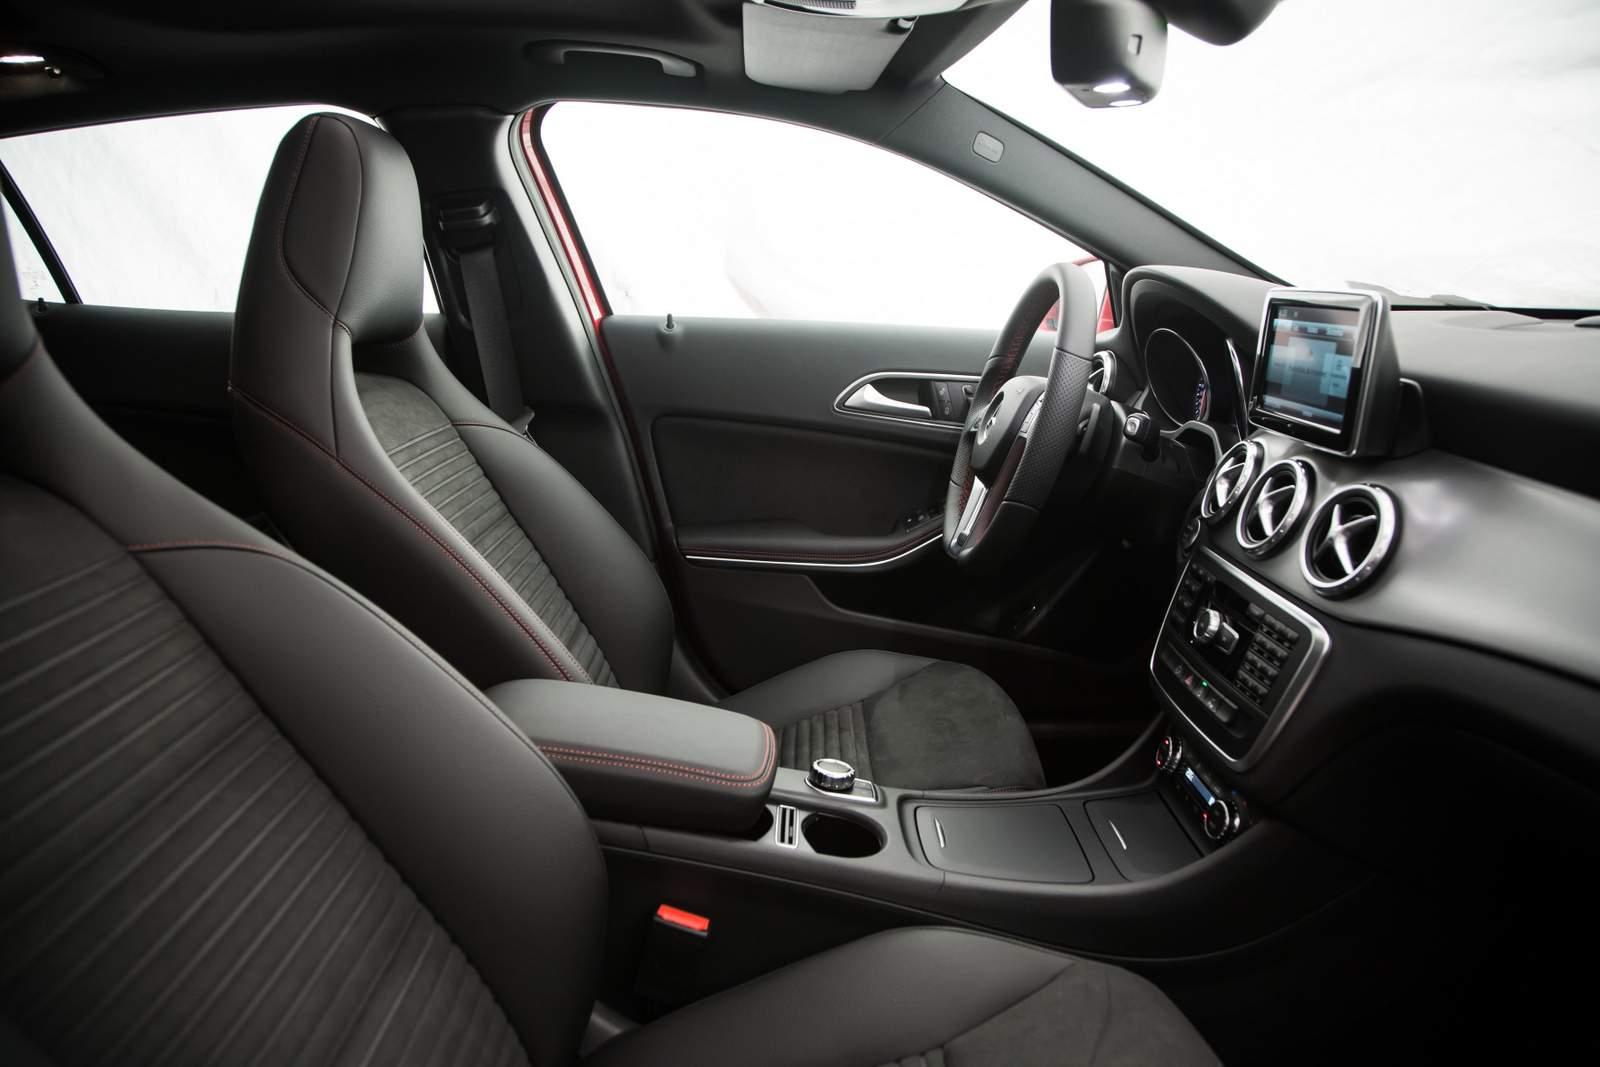 Mercedes-Benz GLA 250 chega com preço de R$ 171.900 | CAR.BLOG.BR ...